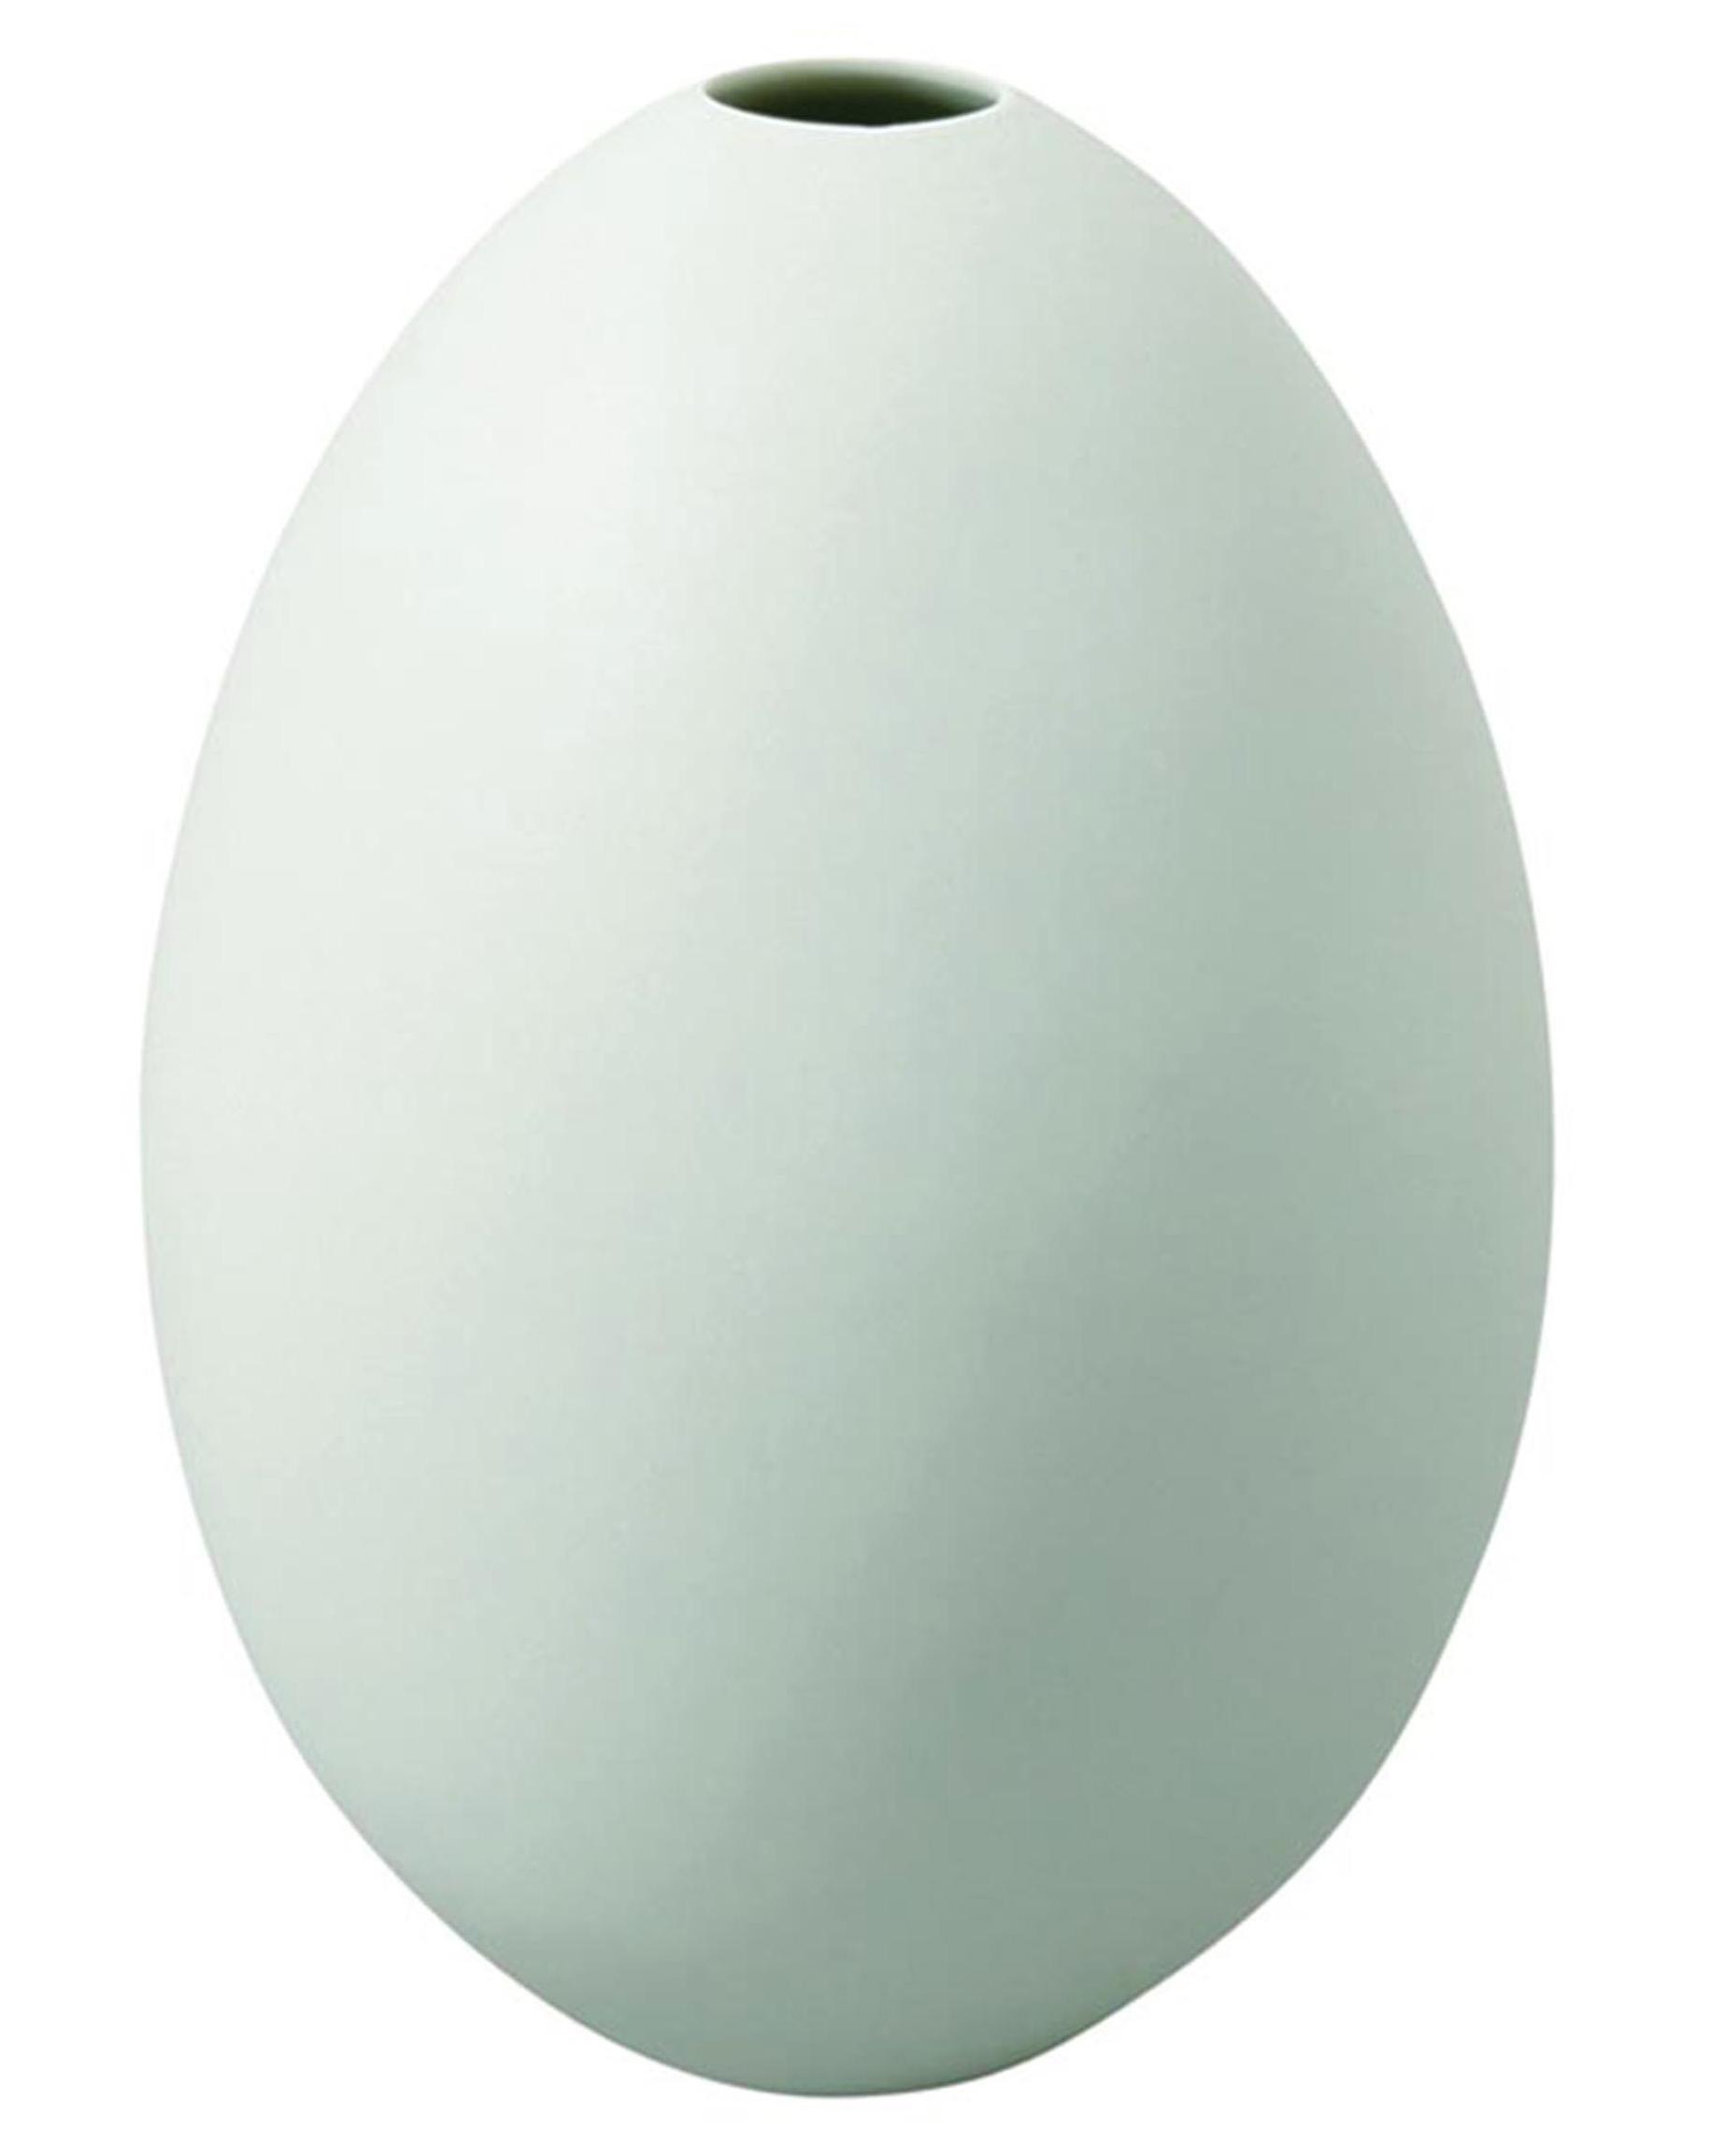 nymphenburg-egg-vase.jpg